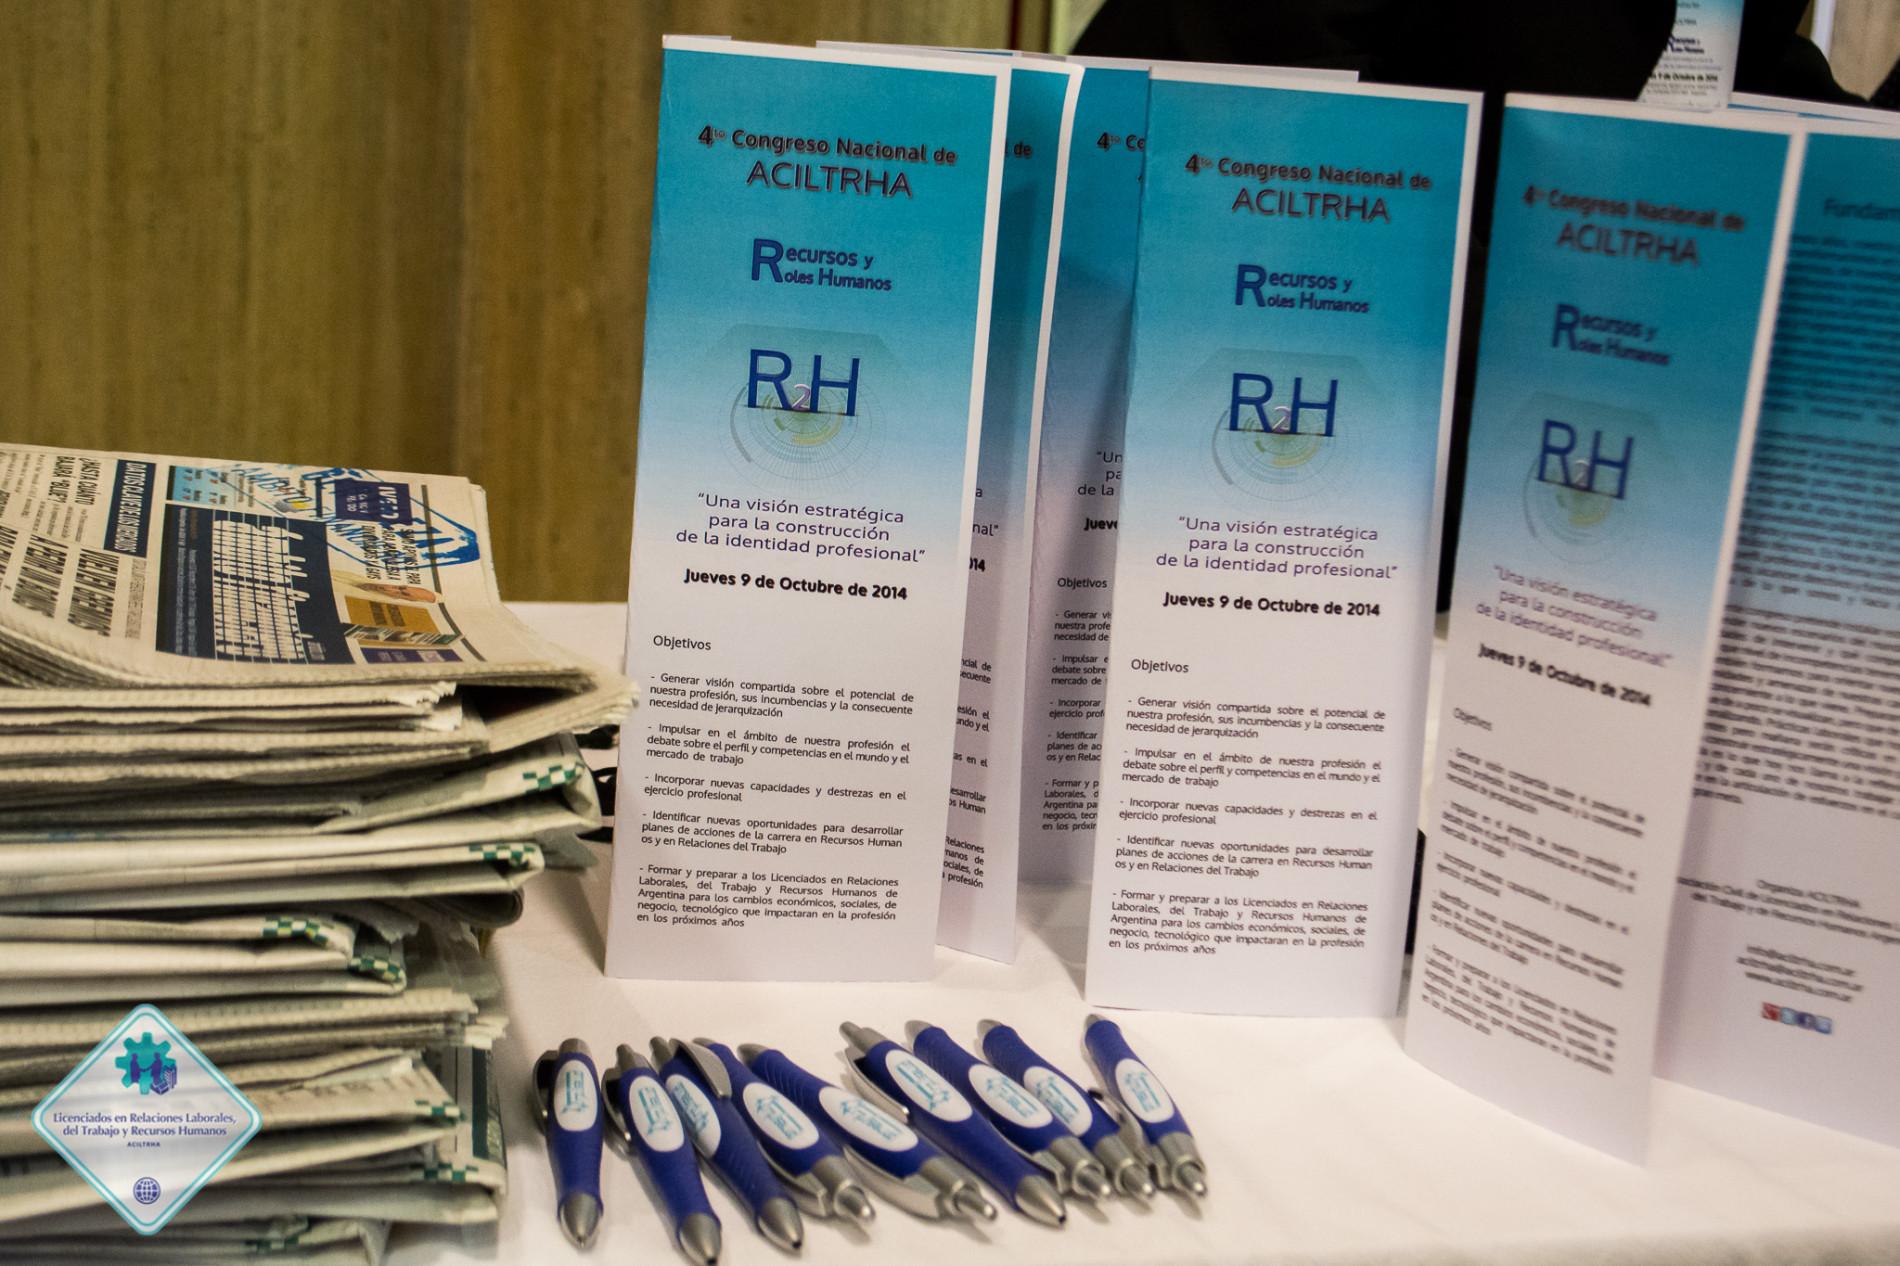 Fotos 4° Congreso Nacional 2014